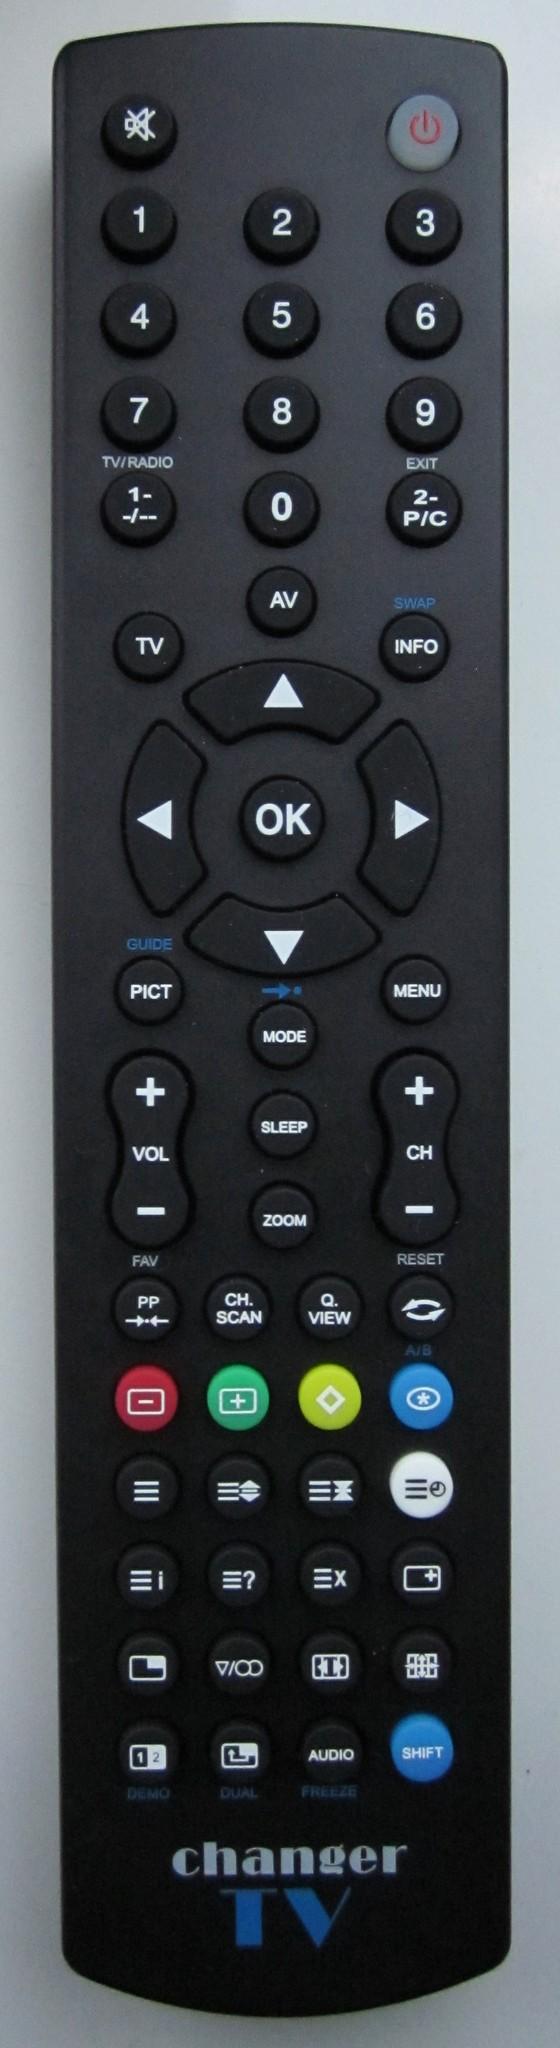 CHANGER TV